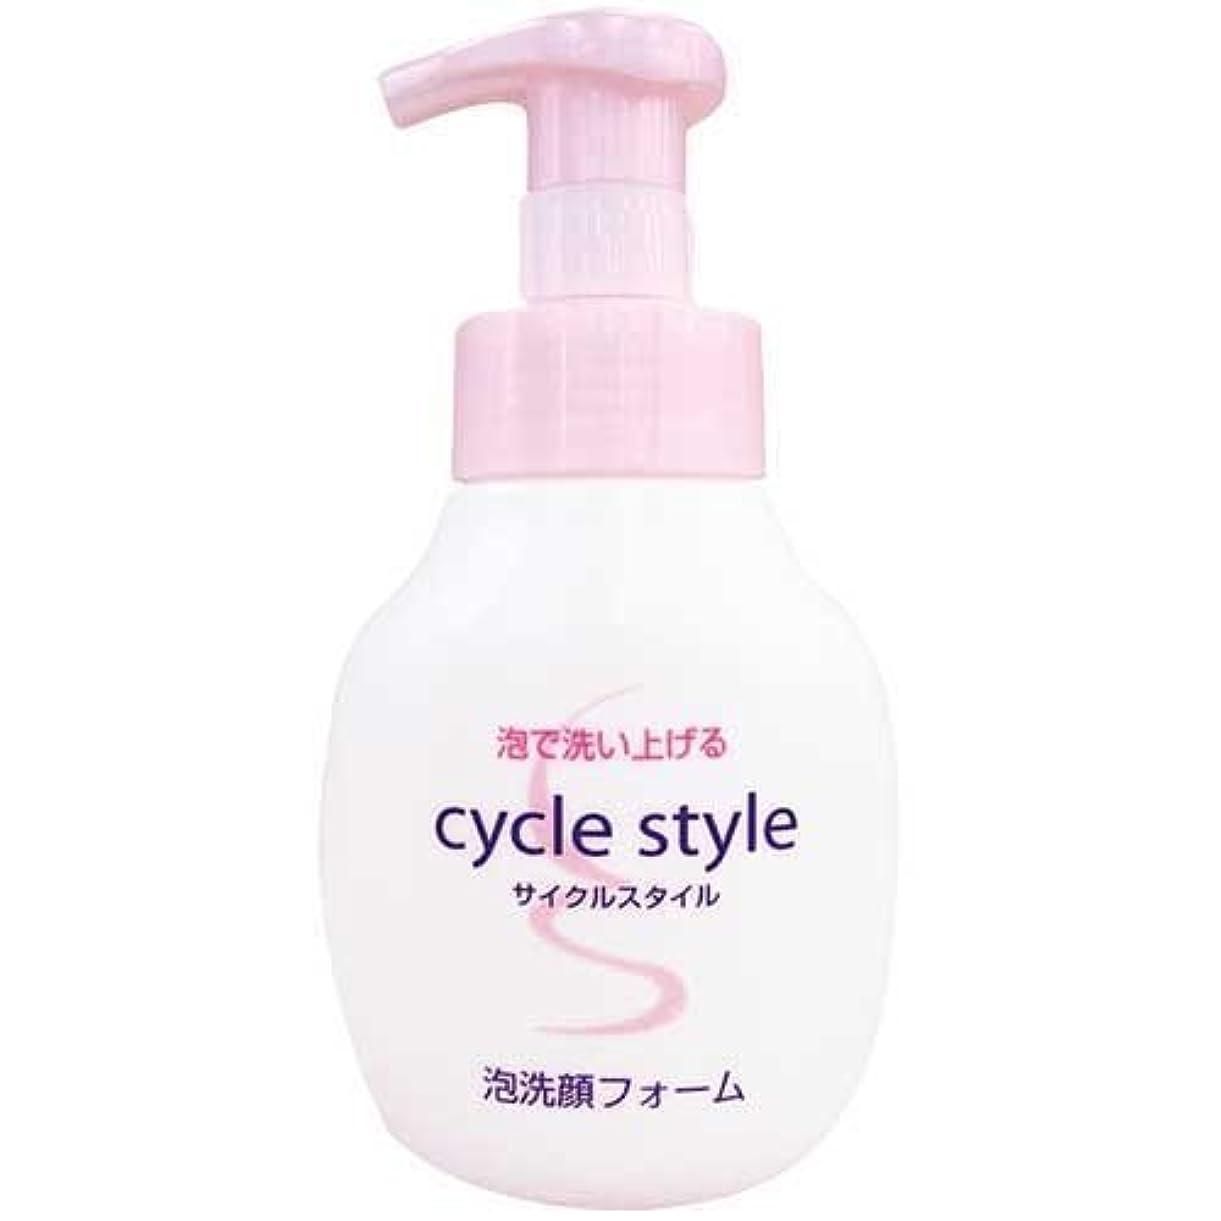 概して花輪音節サイクルスタイル 泡洗顔フォーム 本体 250ml 【まとめ買い120個セット】